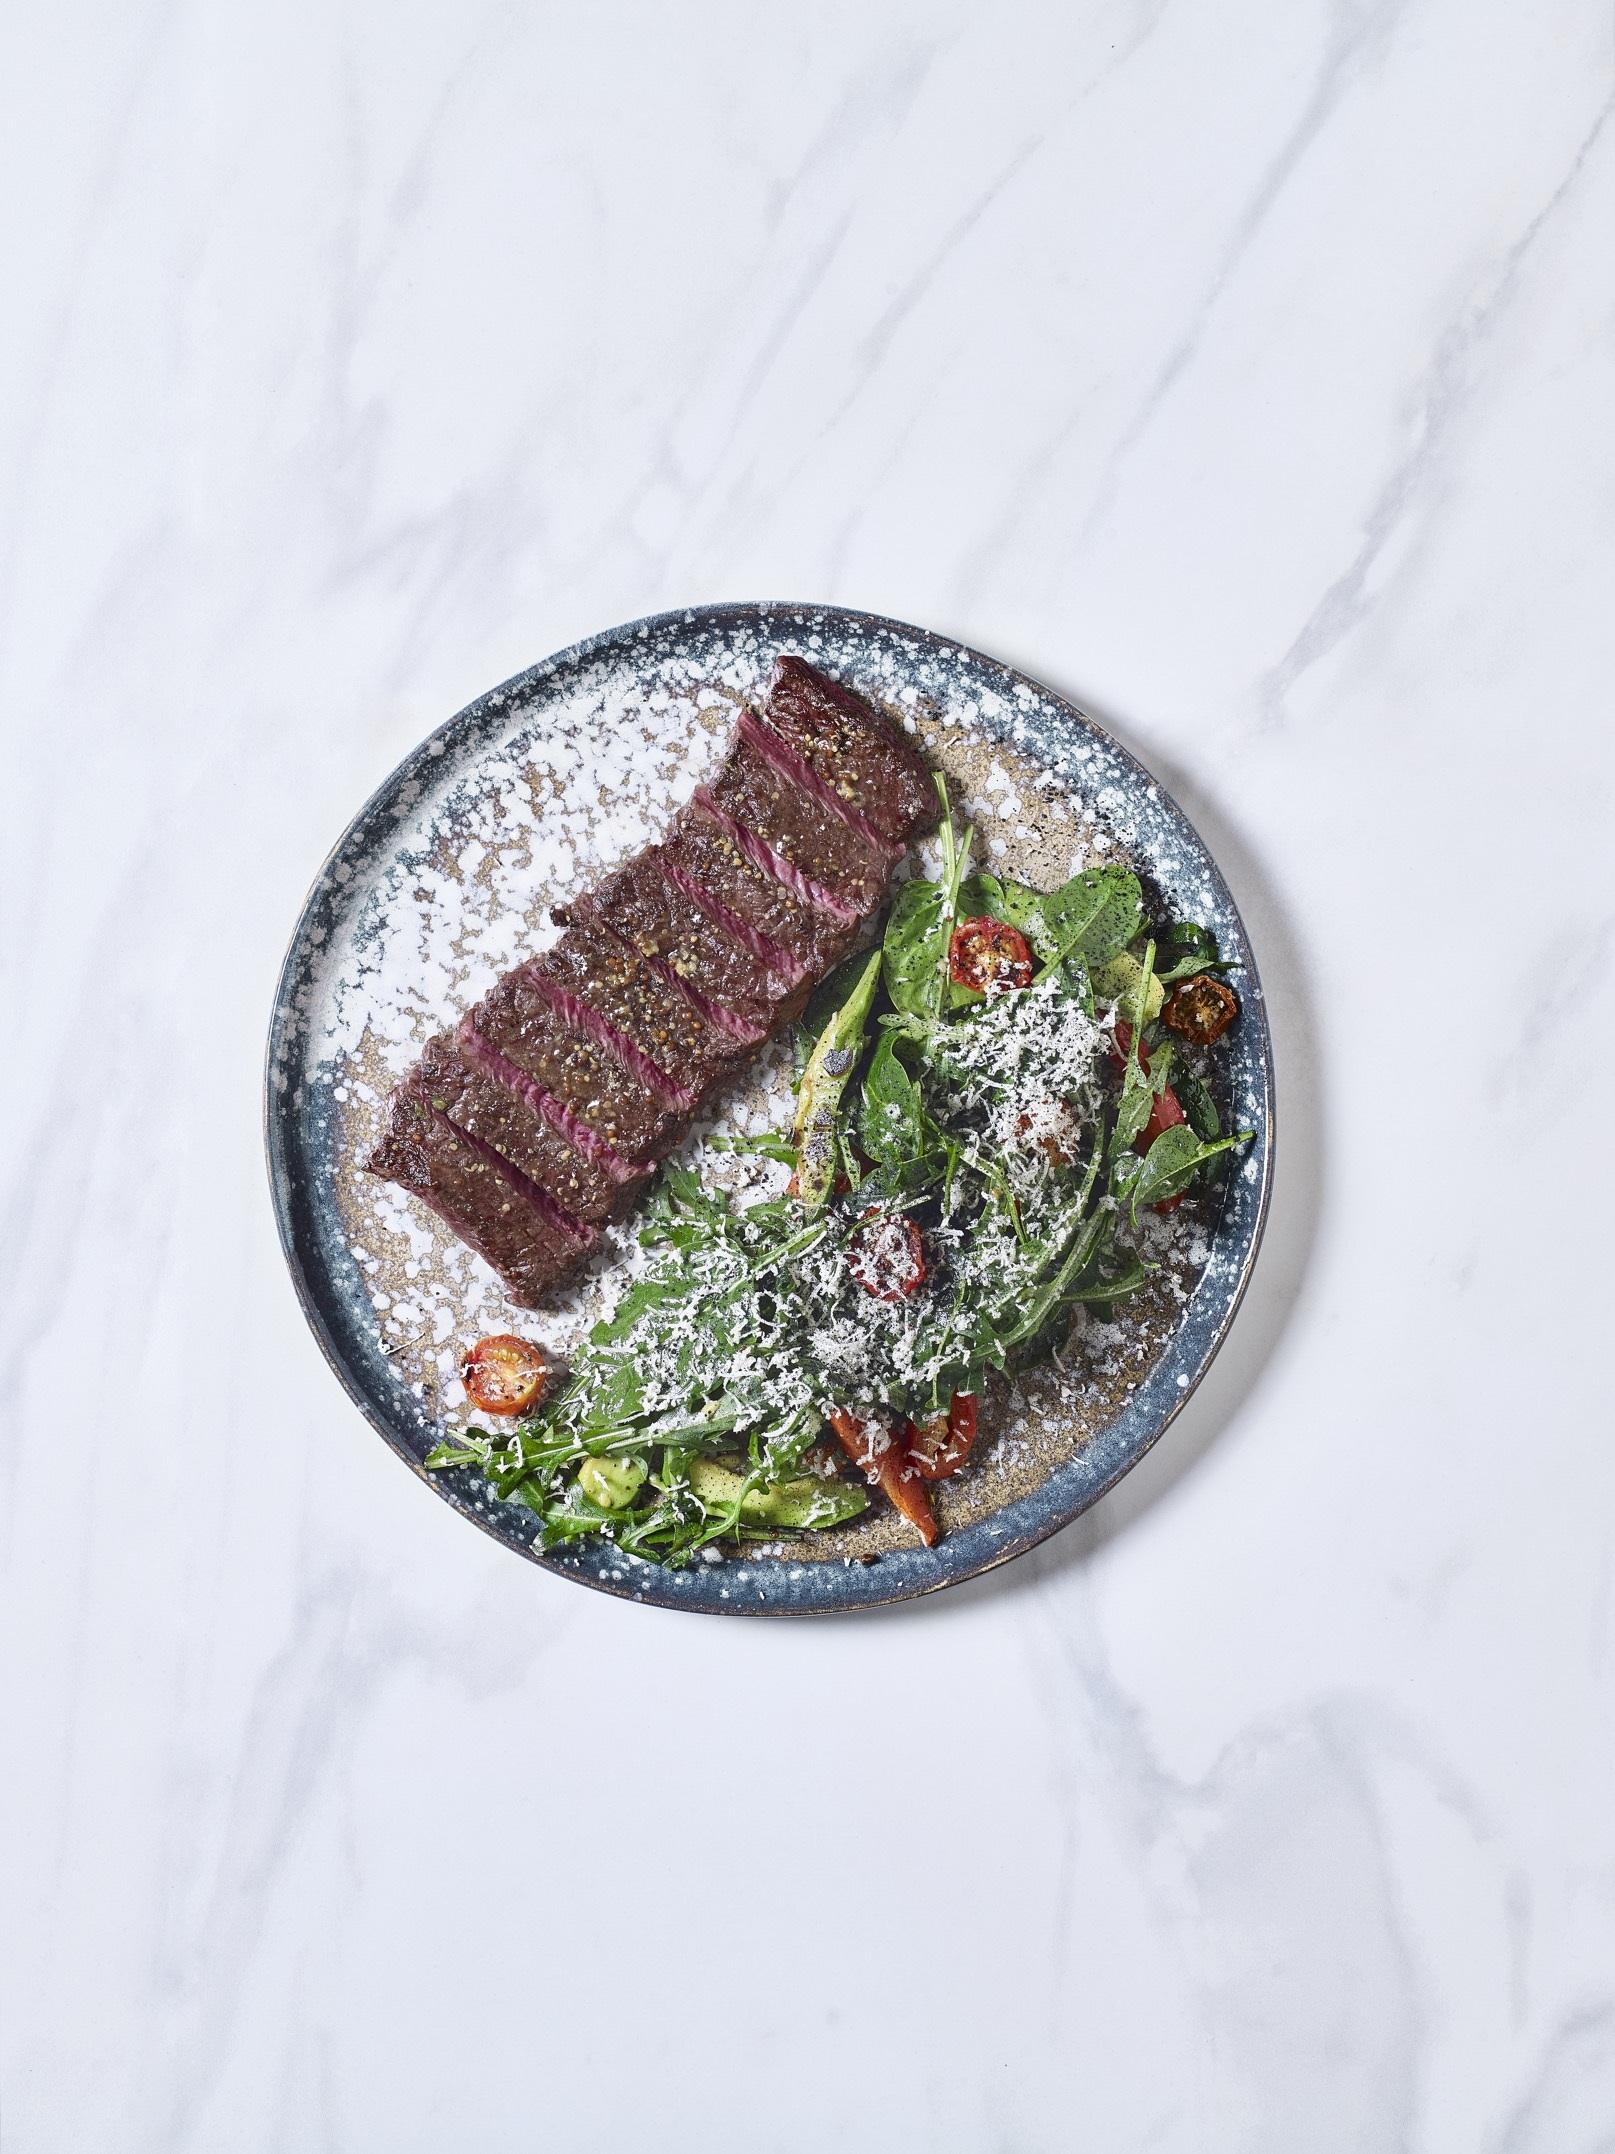 Стейк-салат с зелёным миксом, с авокадо и свежим х